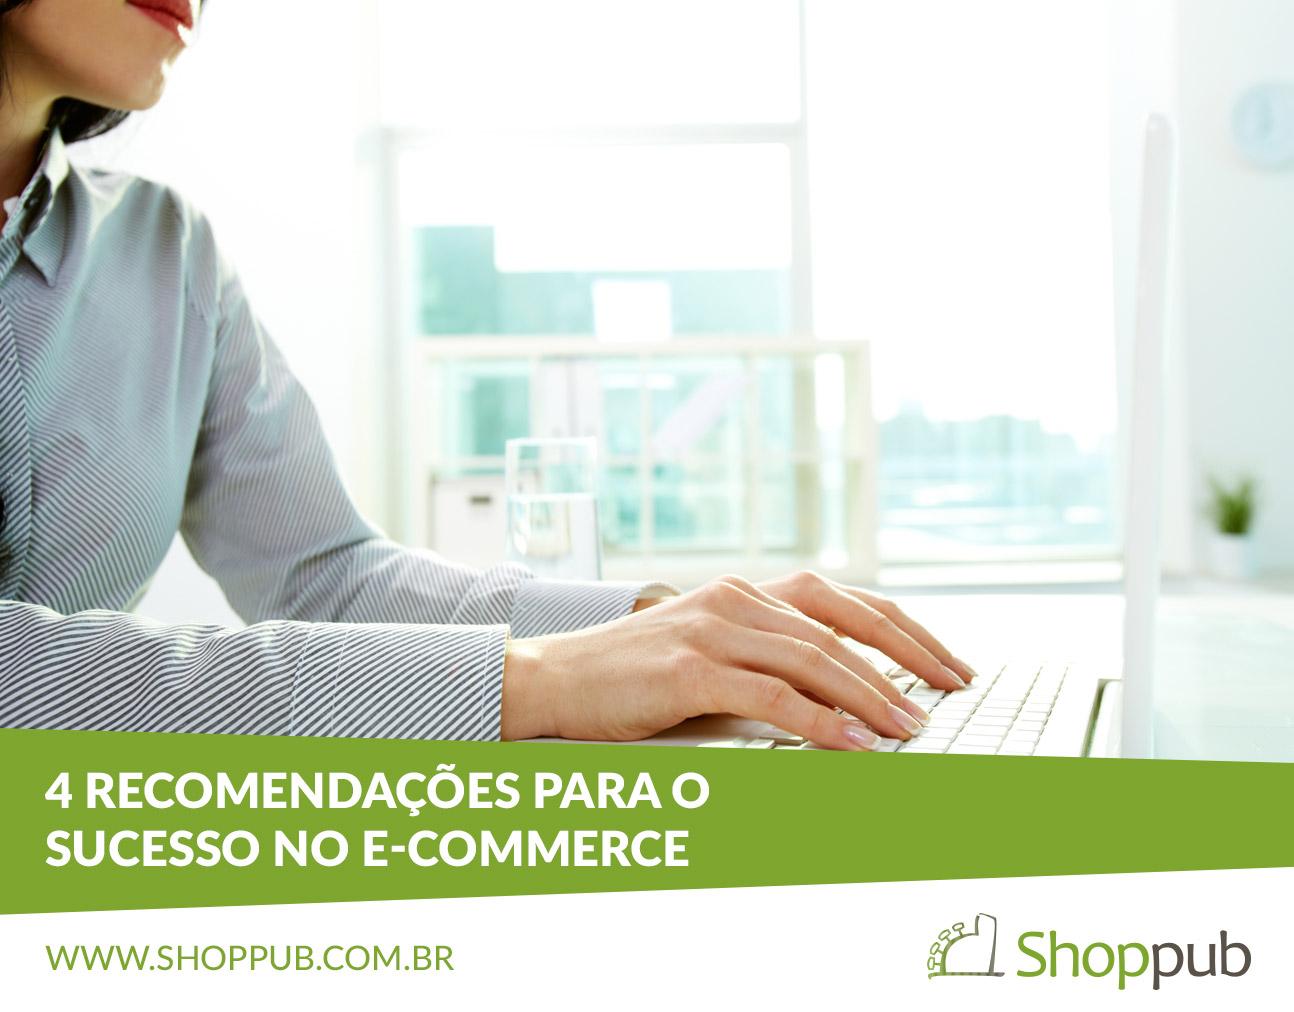 4 recomendações para o sucesso no e-commerce